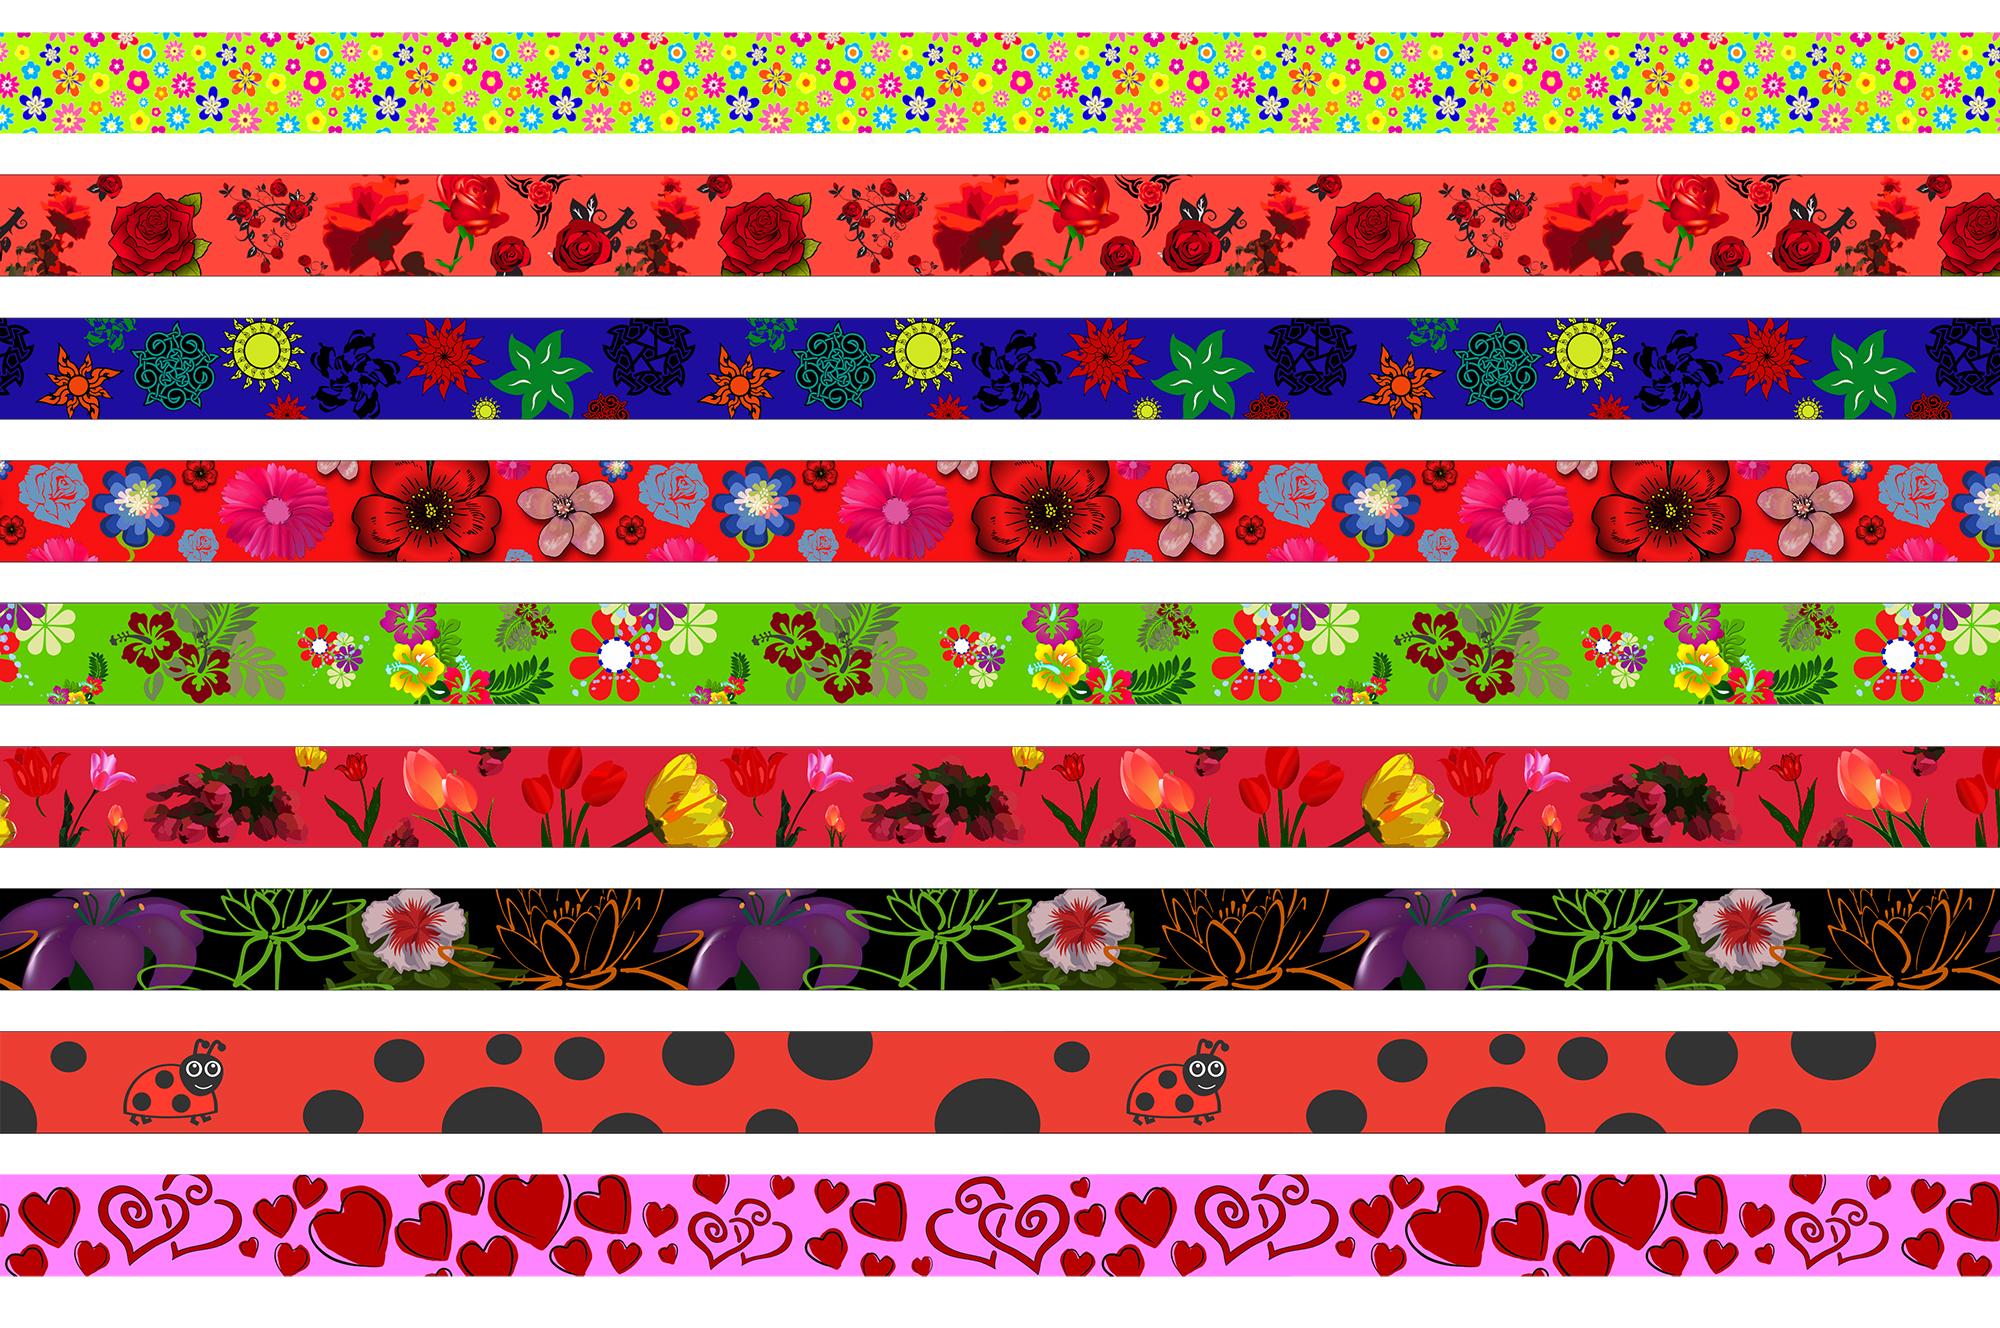 kwiatki, biedronki, serduszka variation-2000px